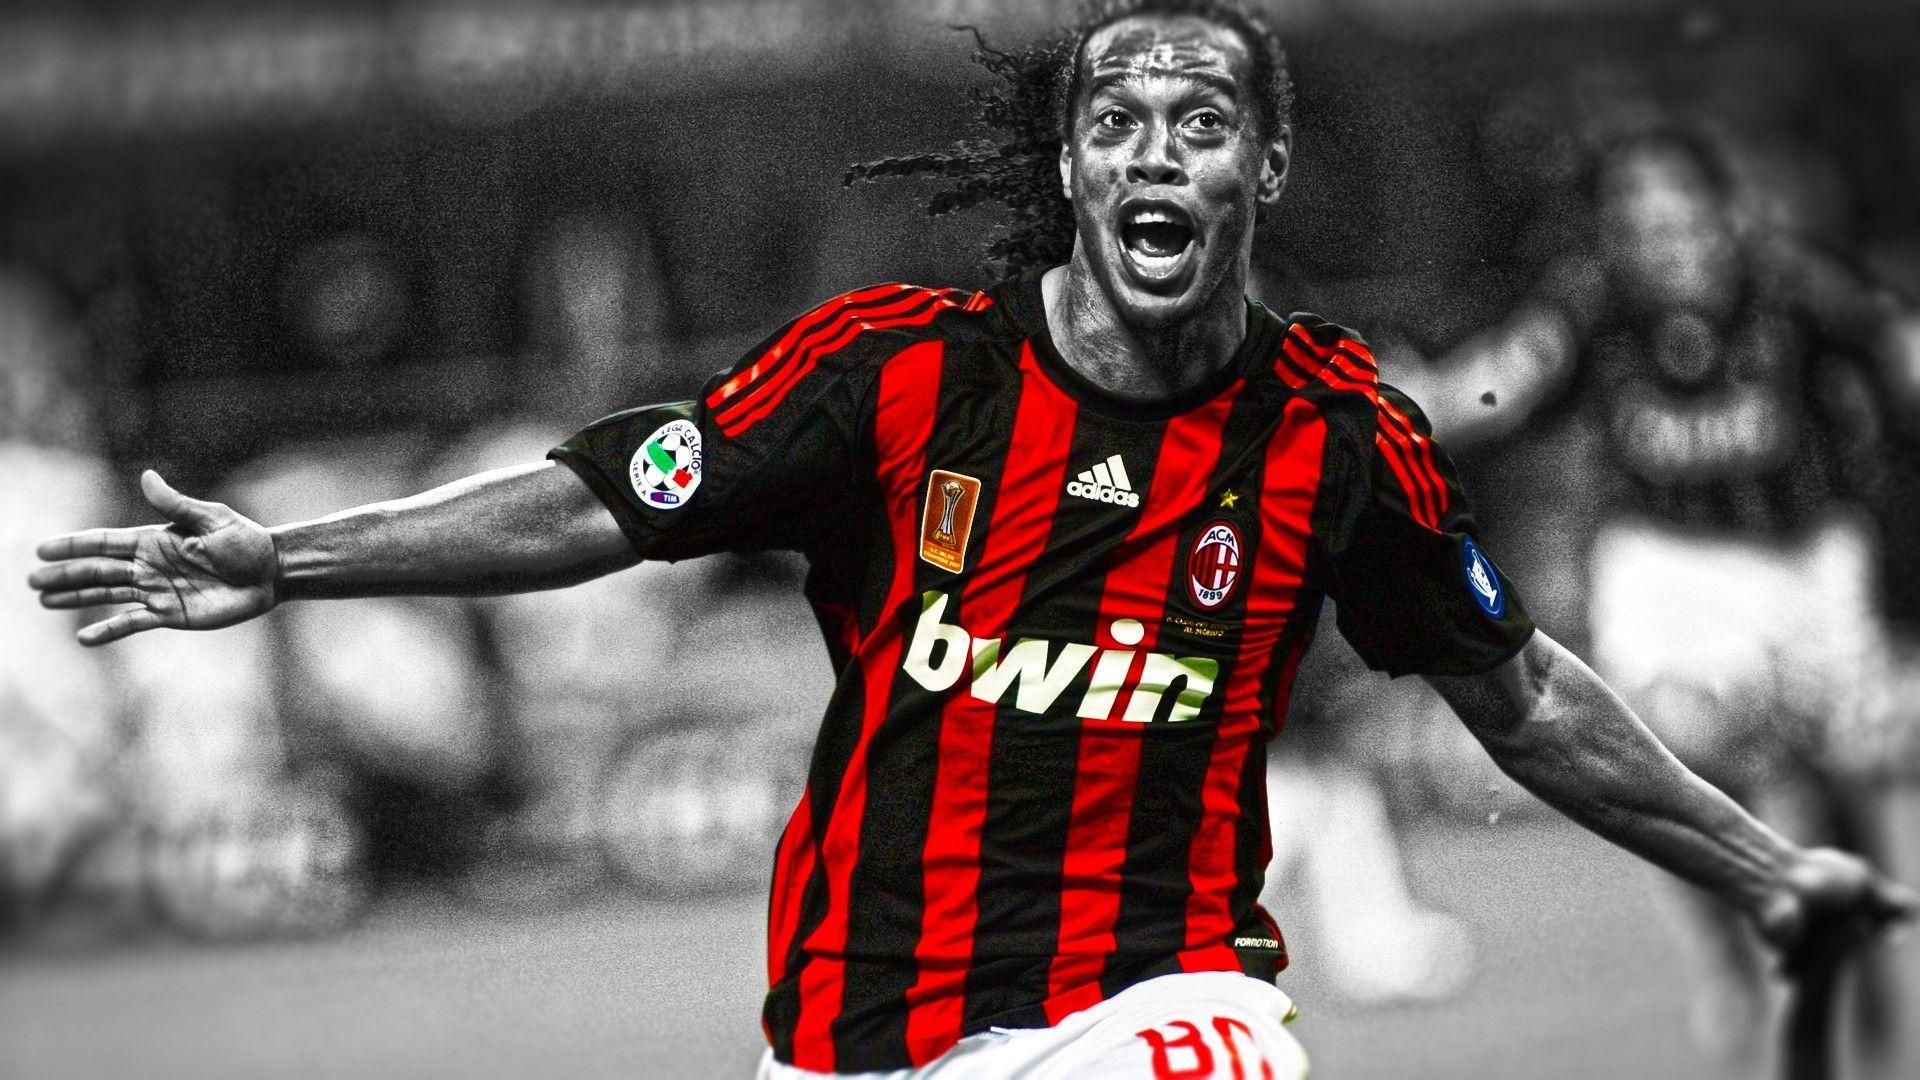 Pin oleh Febby di Ronaldinho di 2020